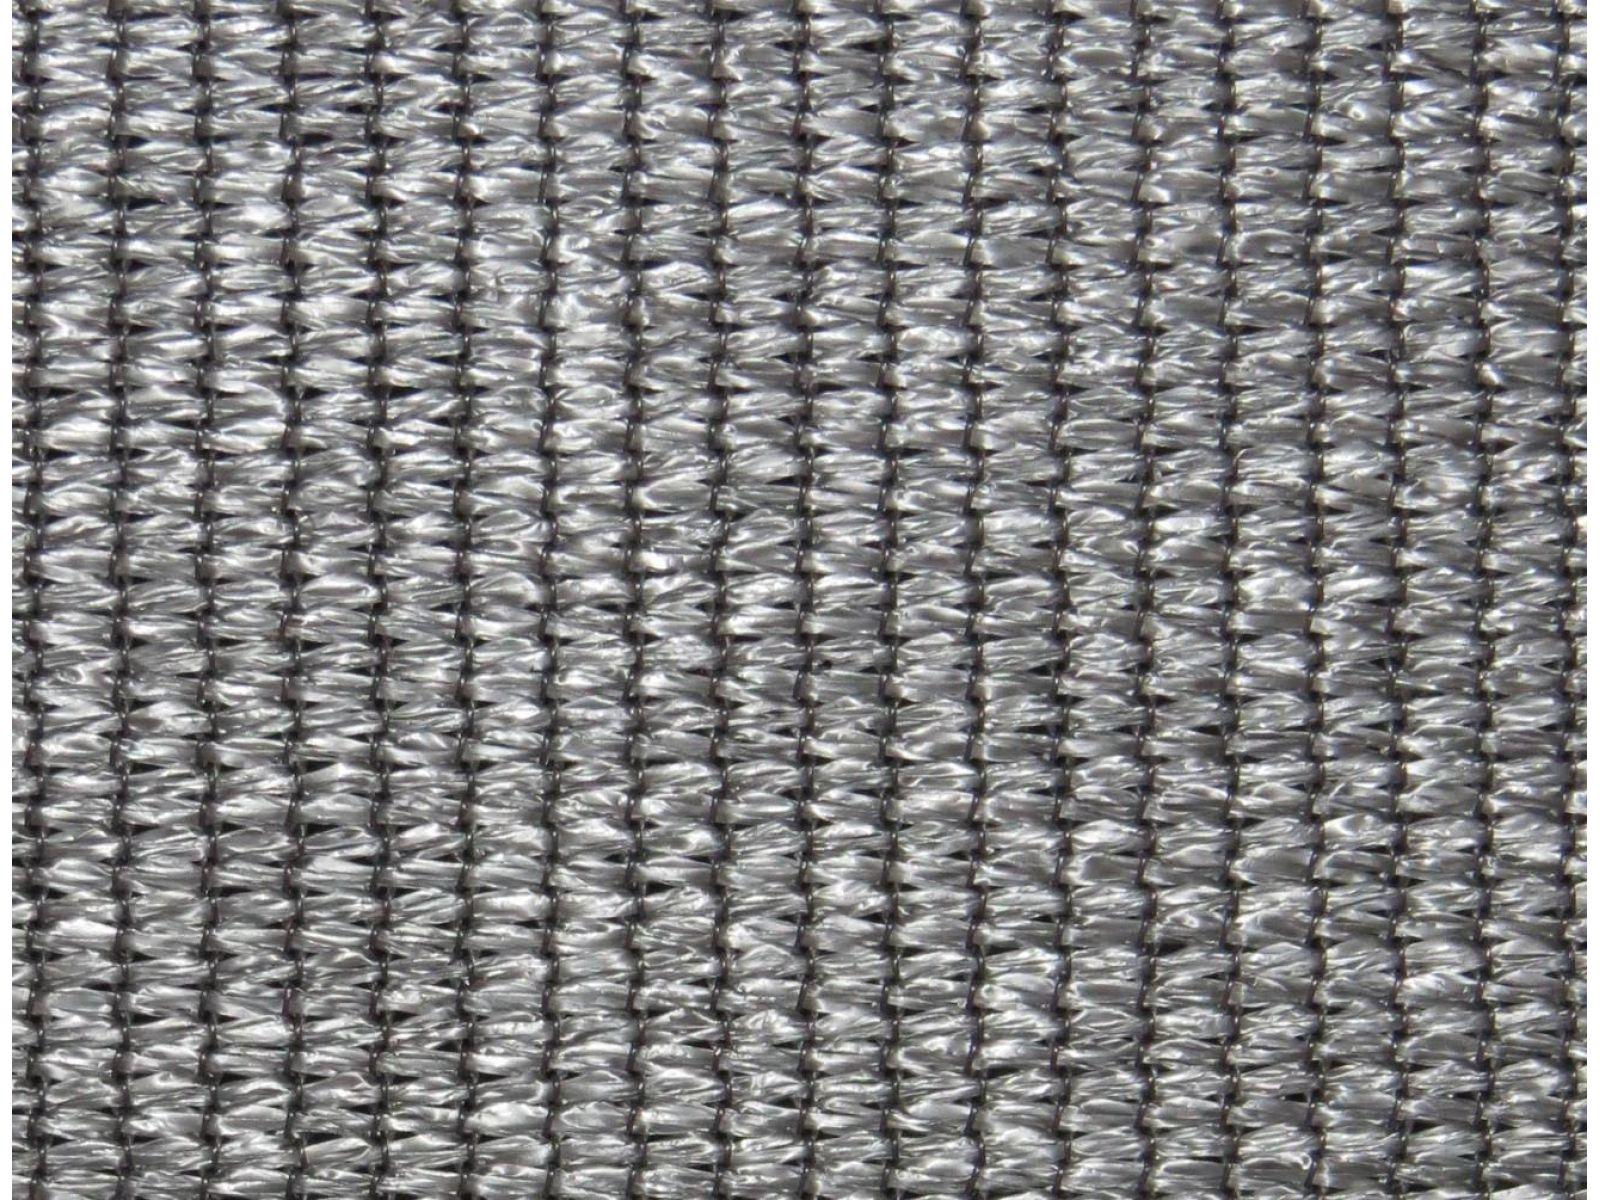 schattiernetz sonnenschutznetz schutzwert 66 93 mit randverst rkung und sen 11 38. Black Bedroom Furniture Sets. Home Design Ideas